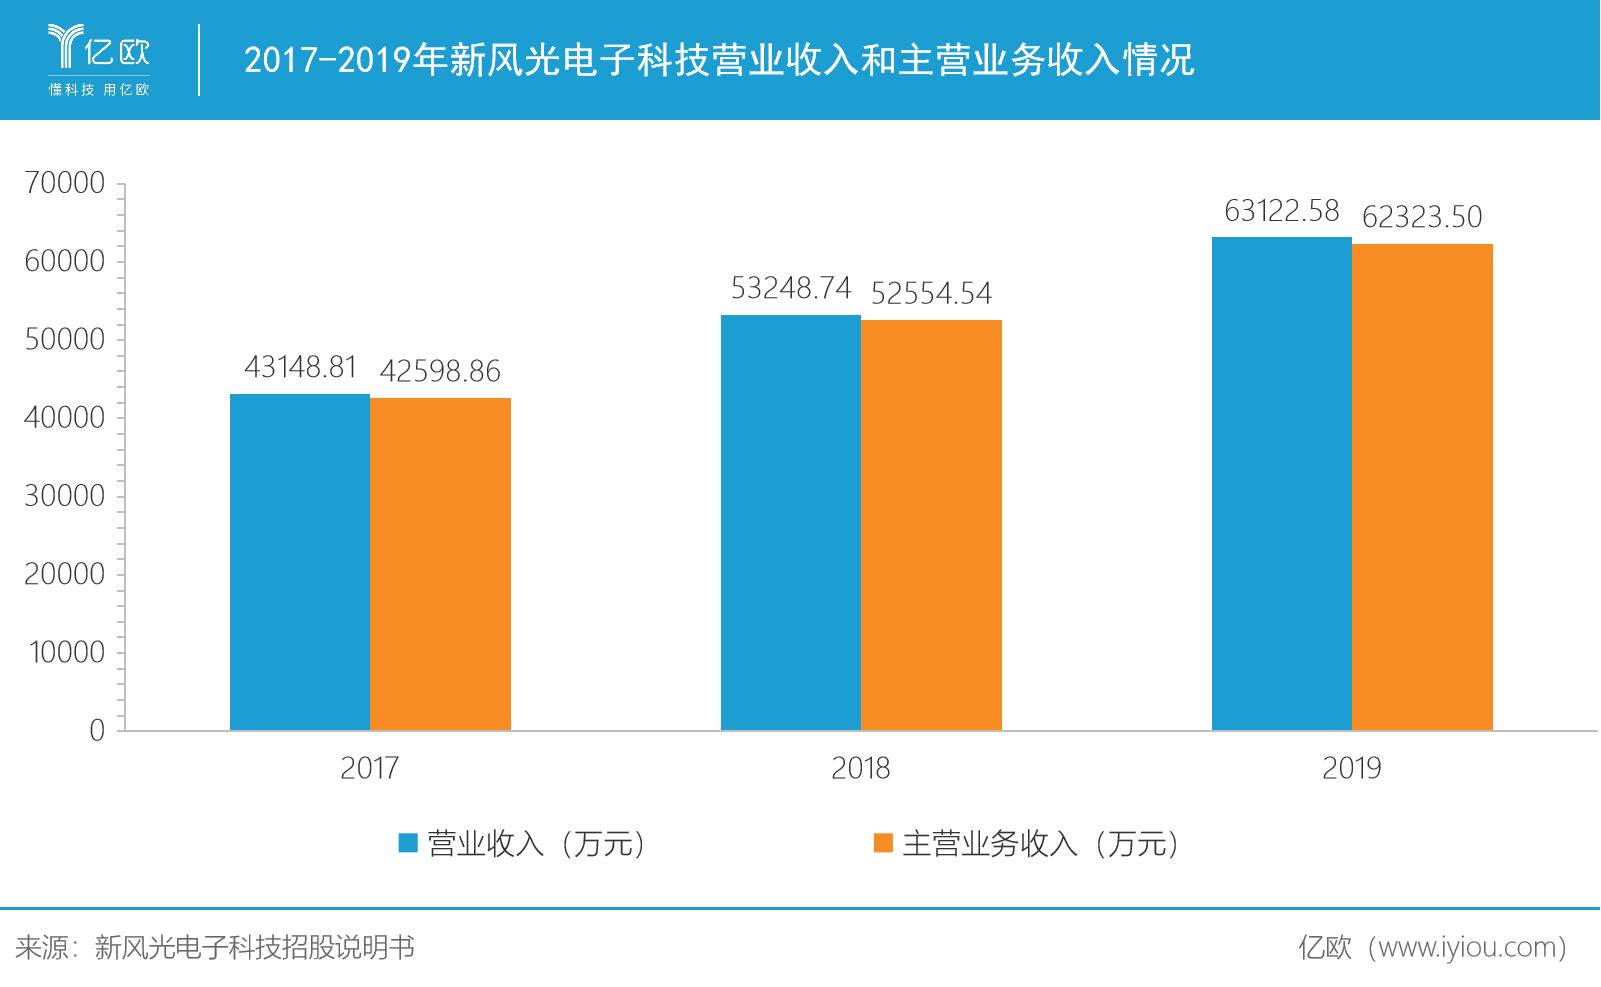 2017-2019年新风光电子科技营业收入和主营业务收入情况